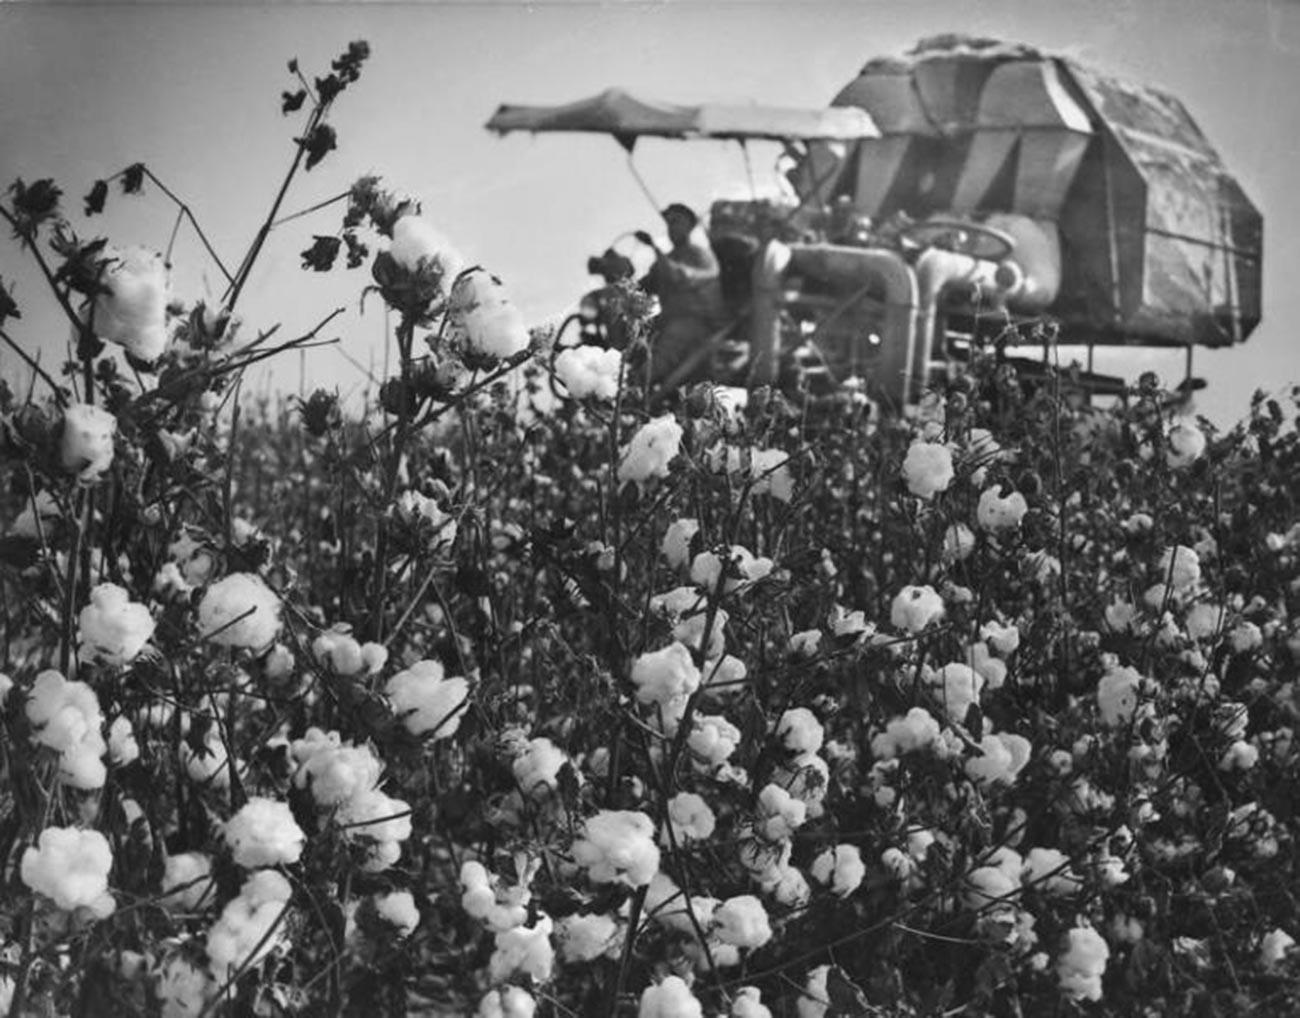 綿の収穫。ウズベキスタン。1970年代